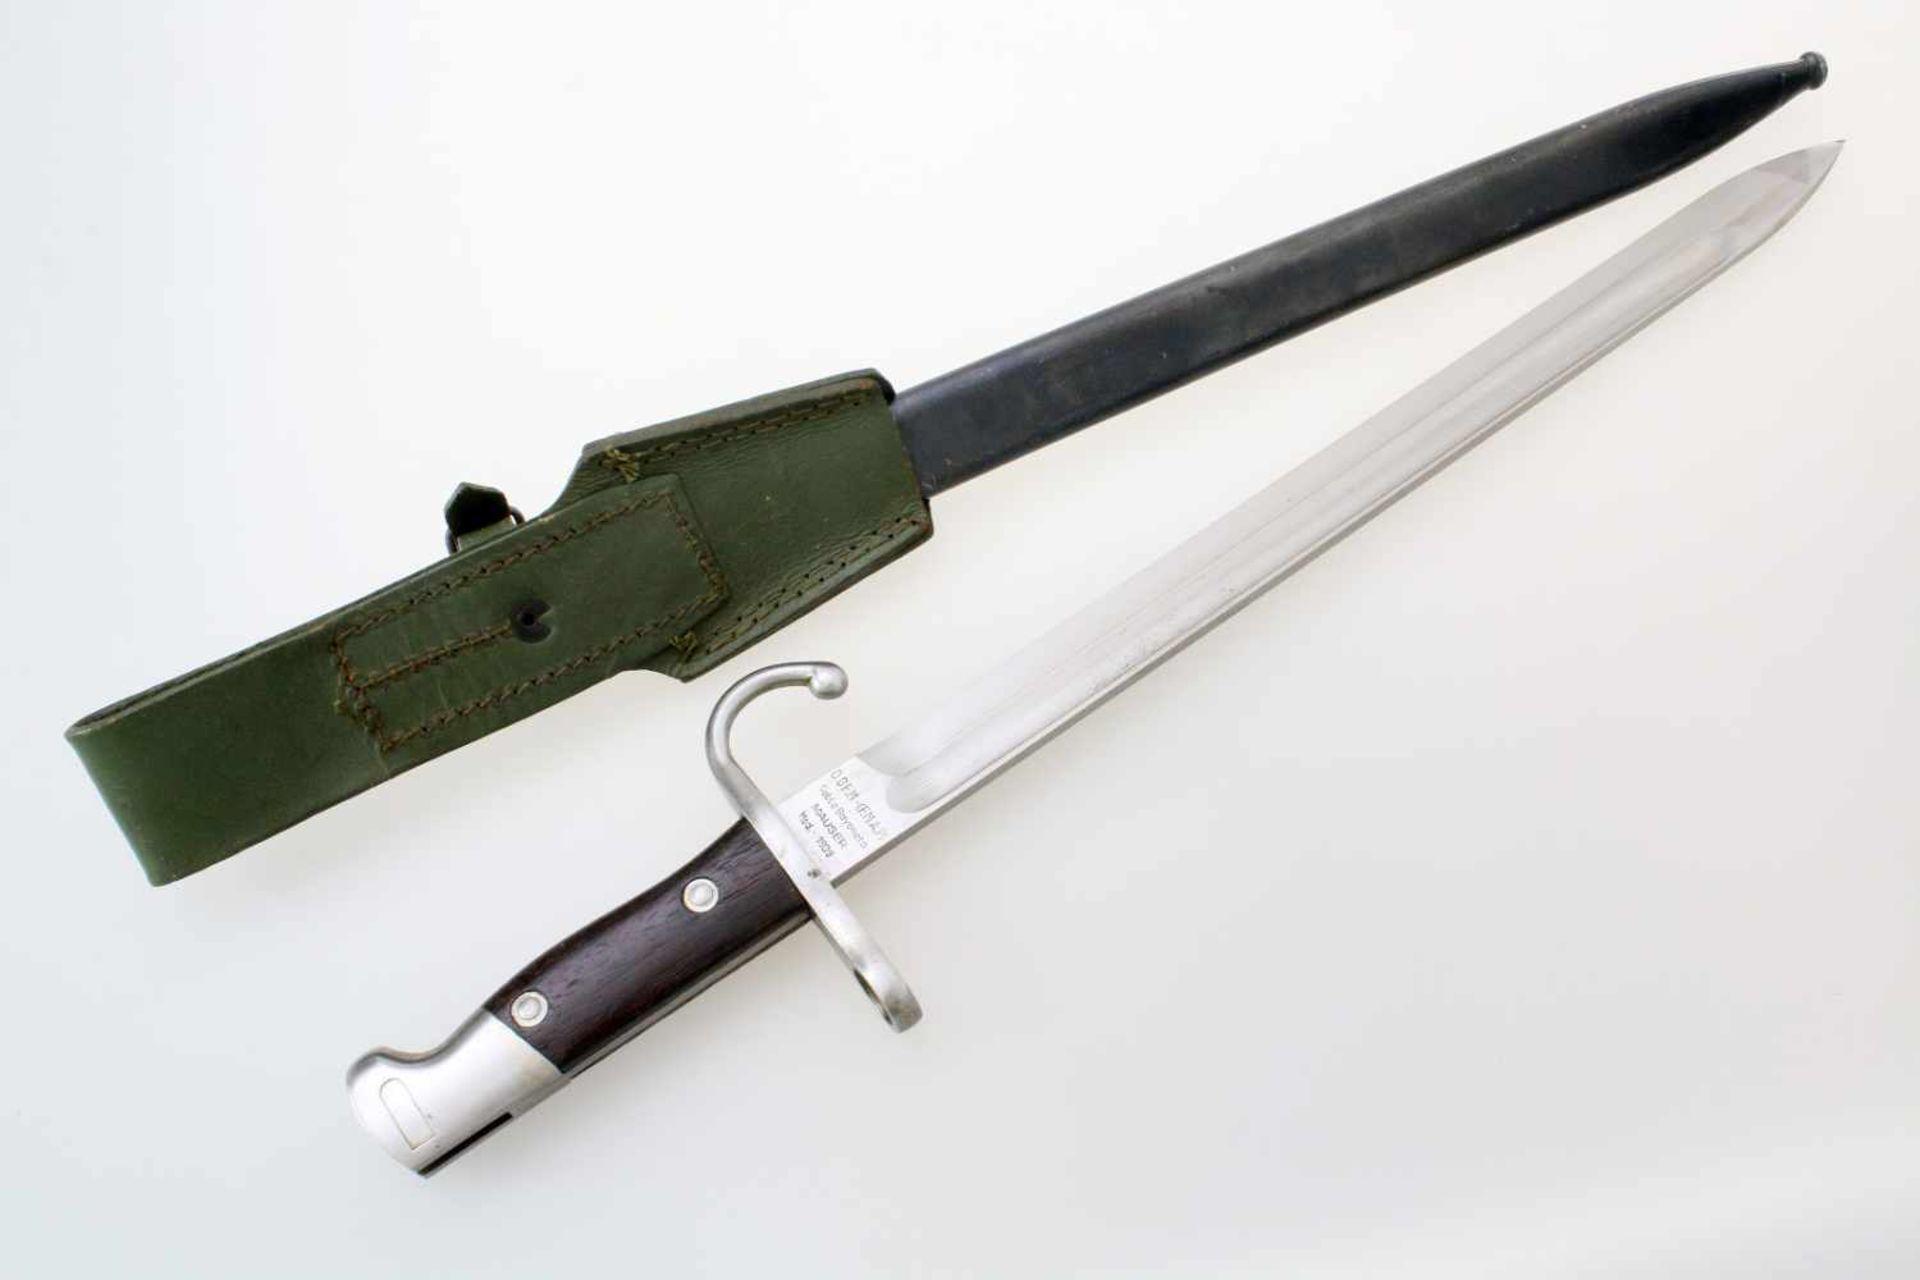 Argentinien - Bajonett Mauser M1909 (Argentinischer Hersteller)Blanke, gekehlte Rückenklinge. - Bild 2 aus 4